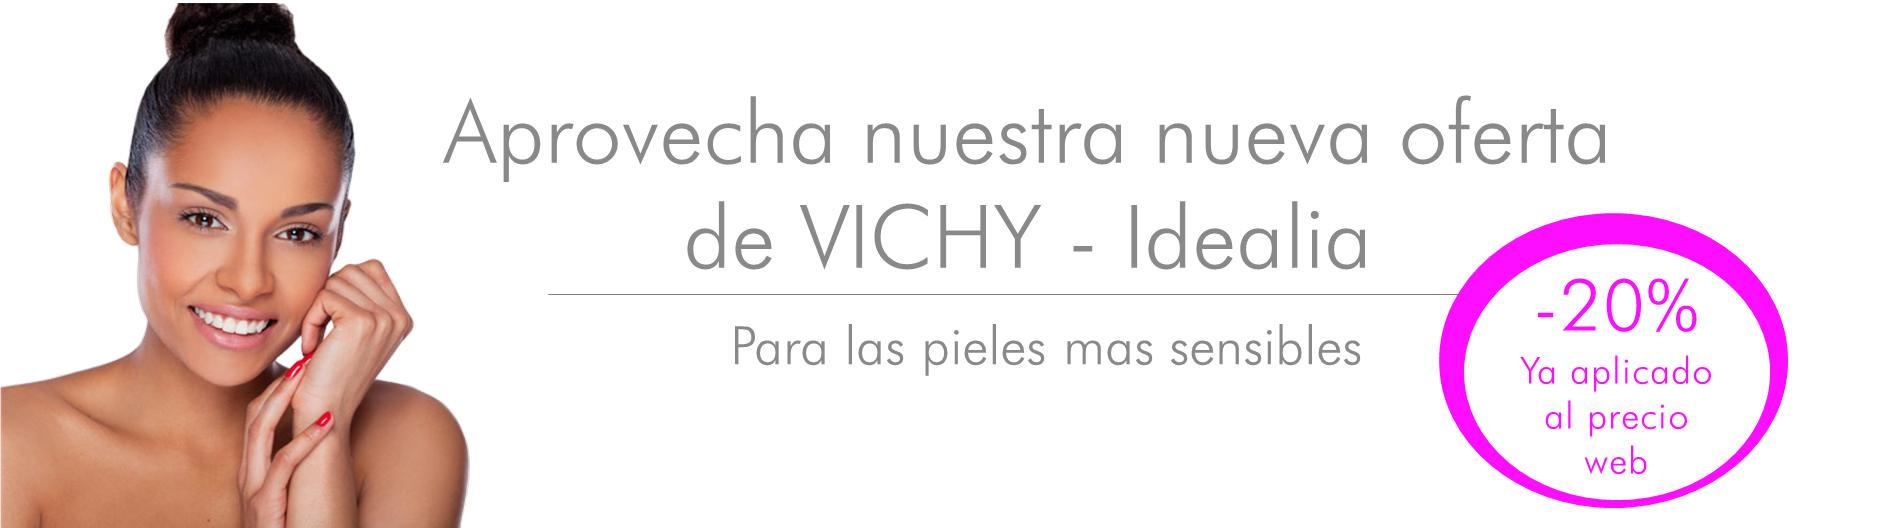 Promo-20-galeno-vichy-idealia